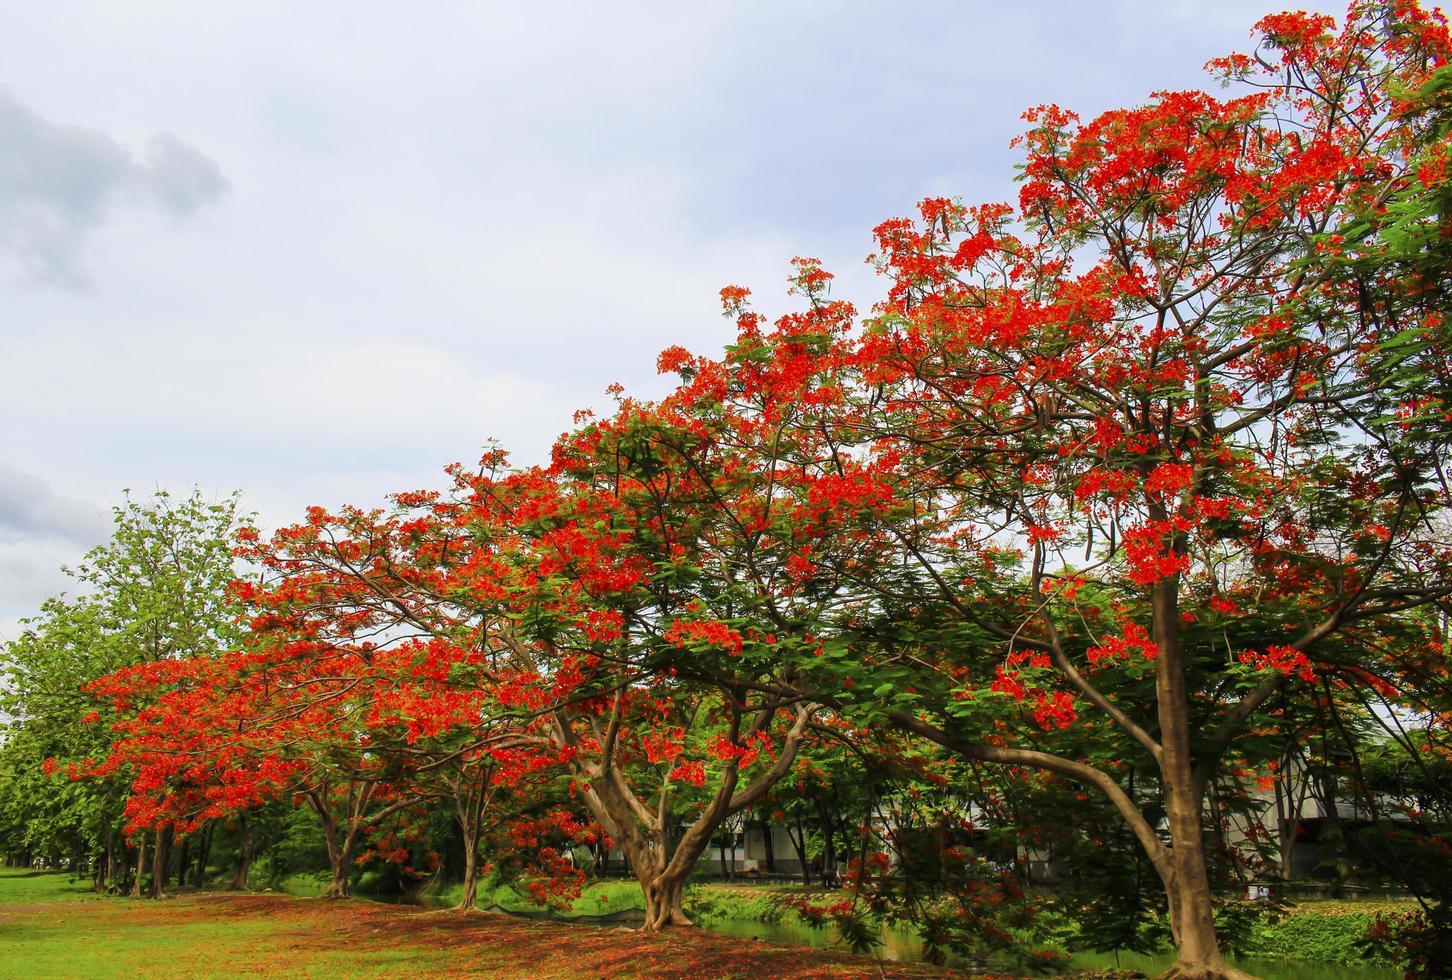 röda blommor på träd foto